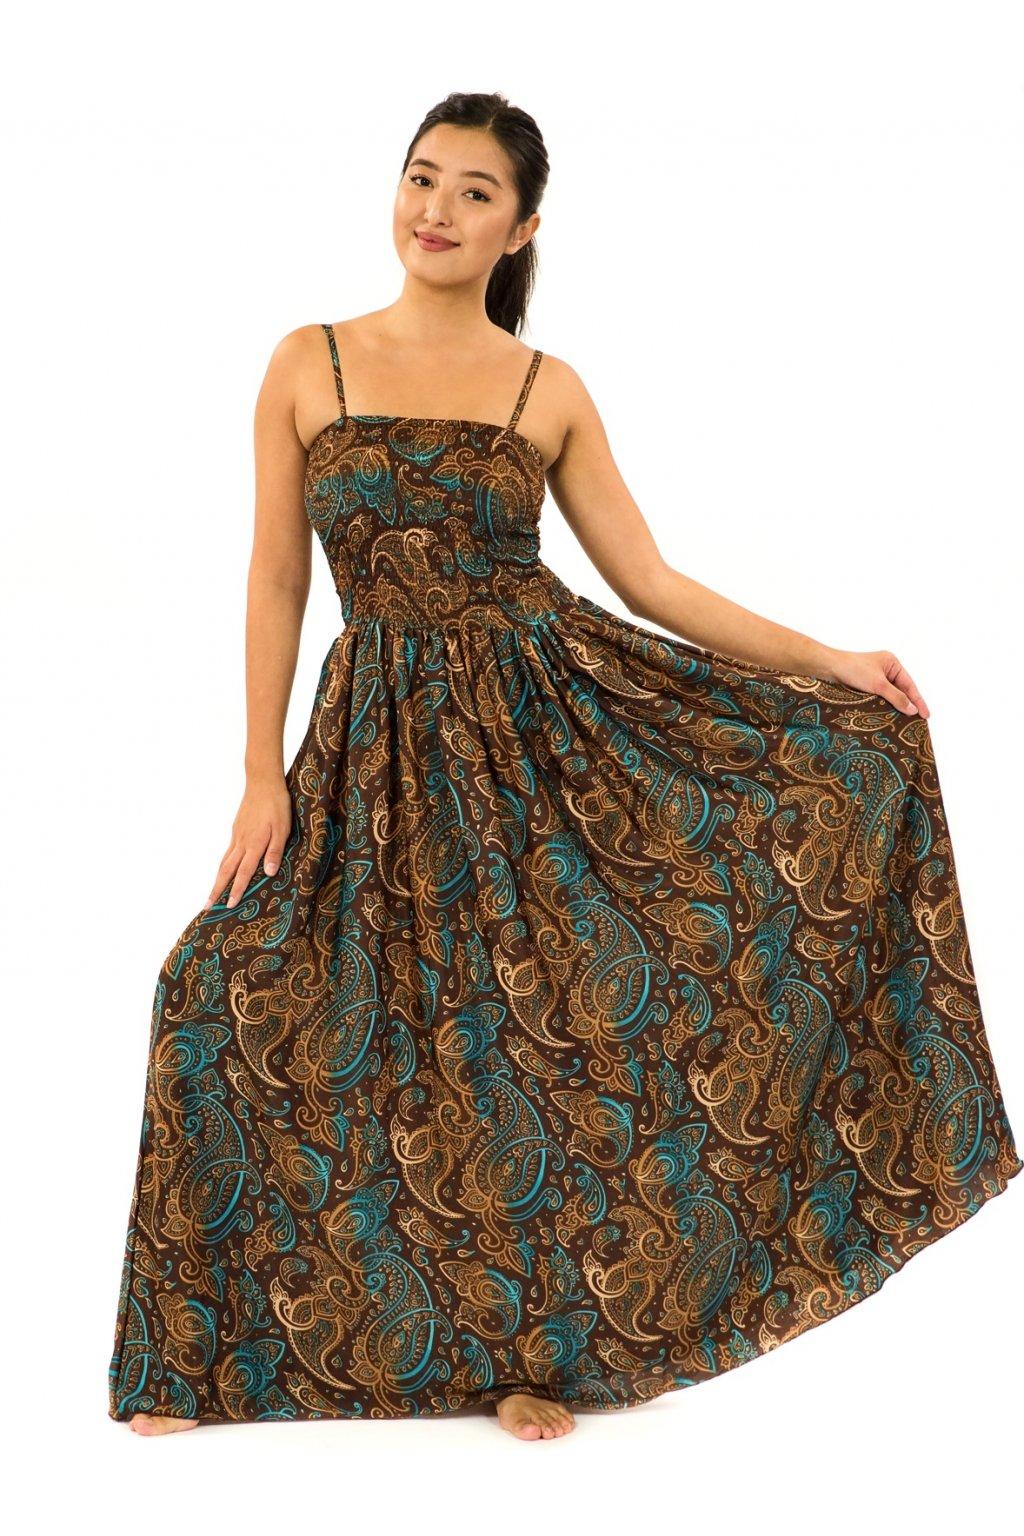 Dlouhé šaty s kapsami Siera - hnědá s tyrkysovou